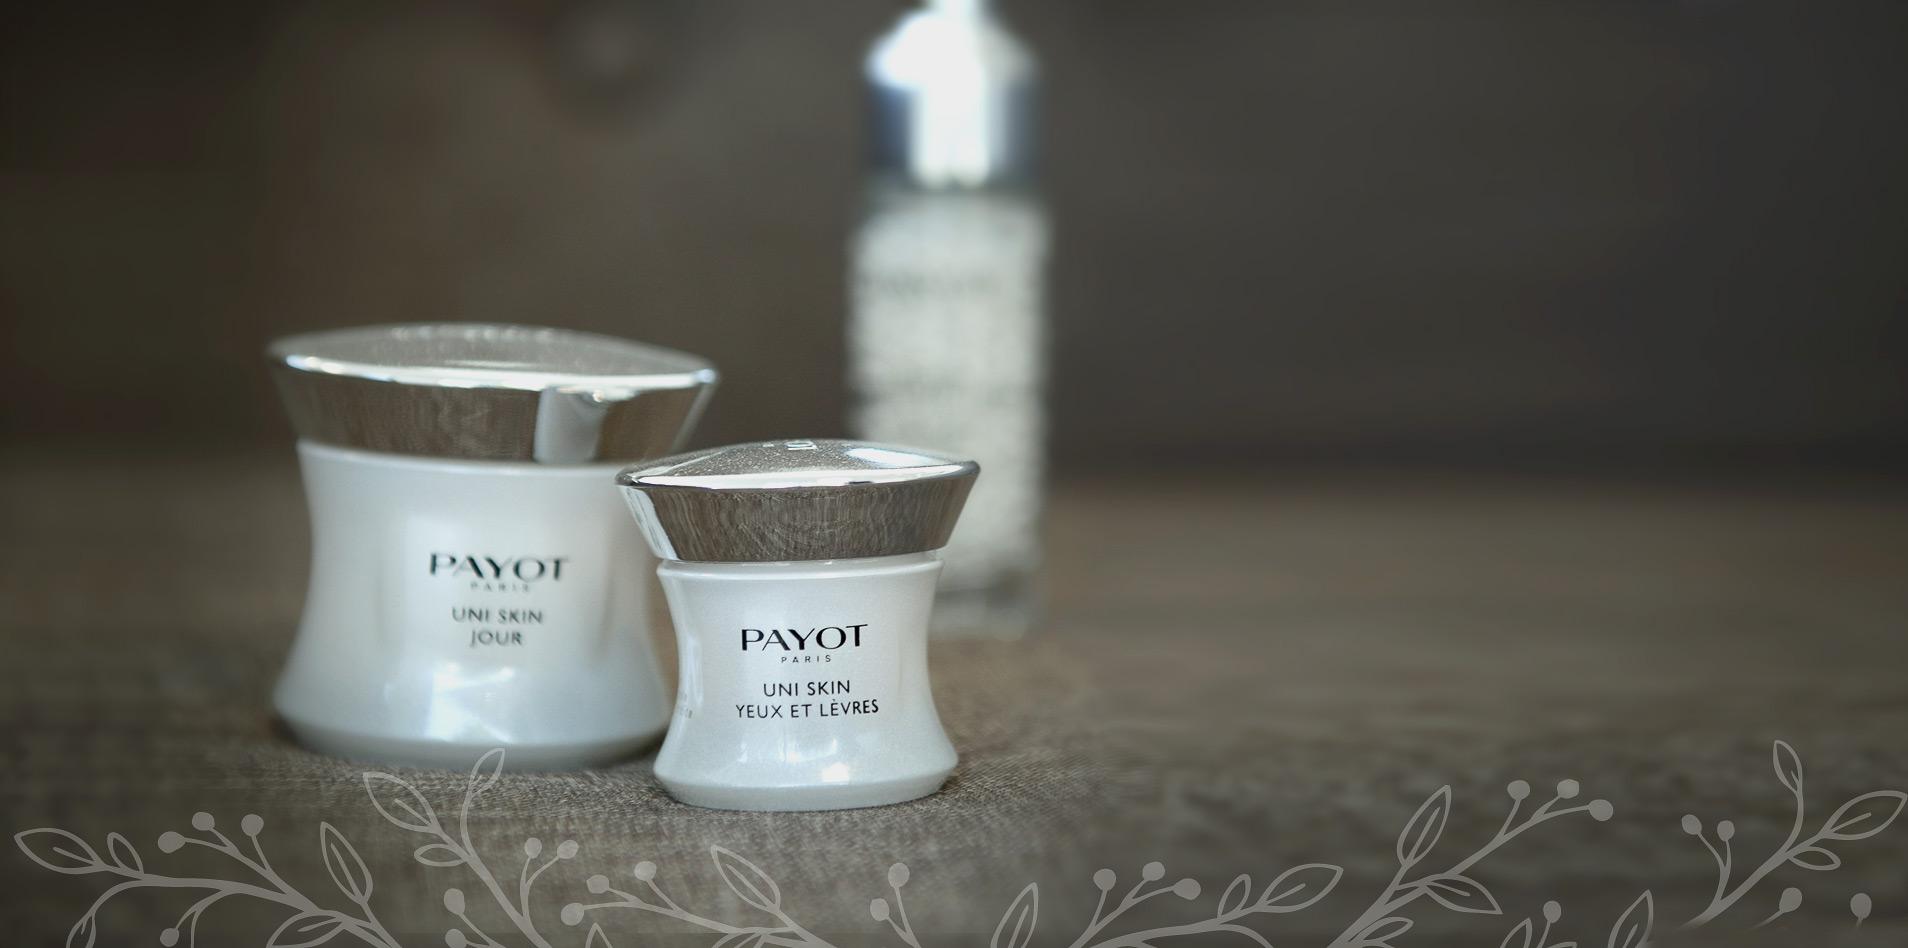 Soins du visage à Hendaye - Distributeur des cosmétiques Payot